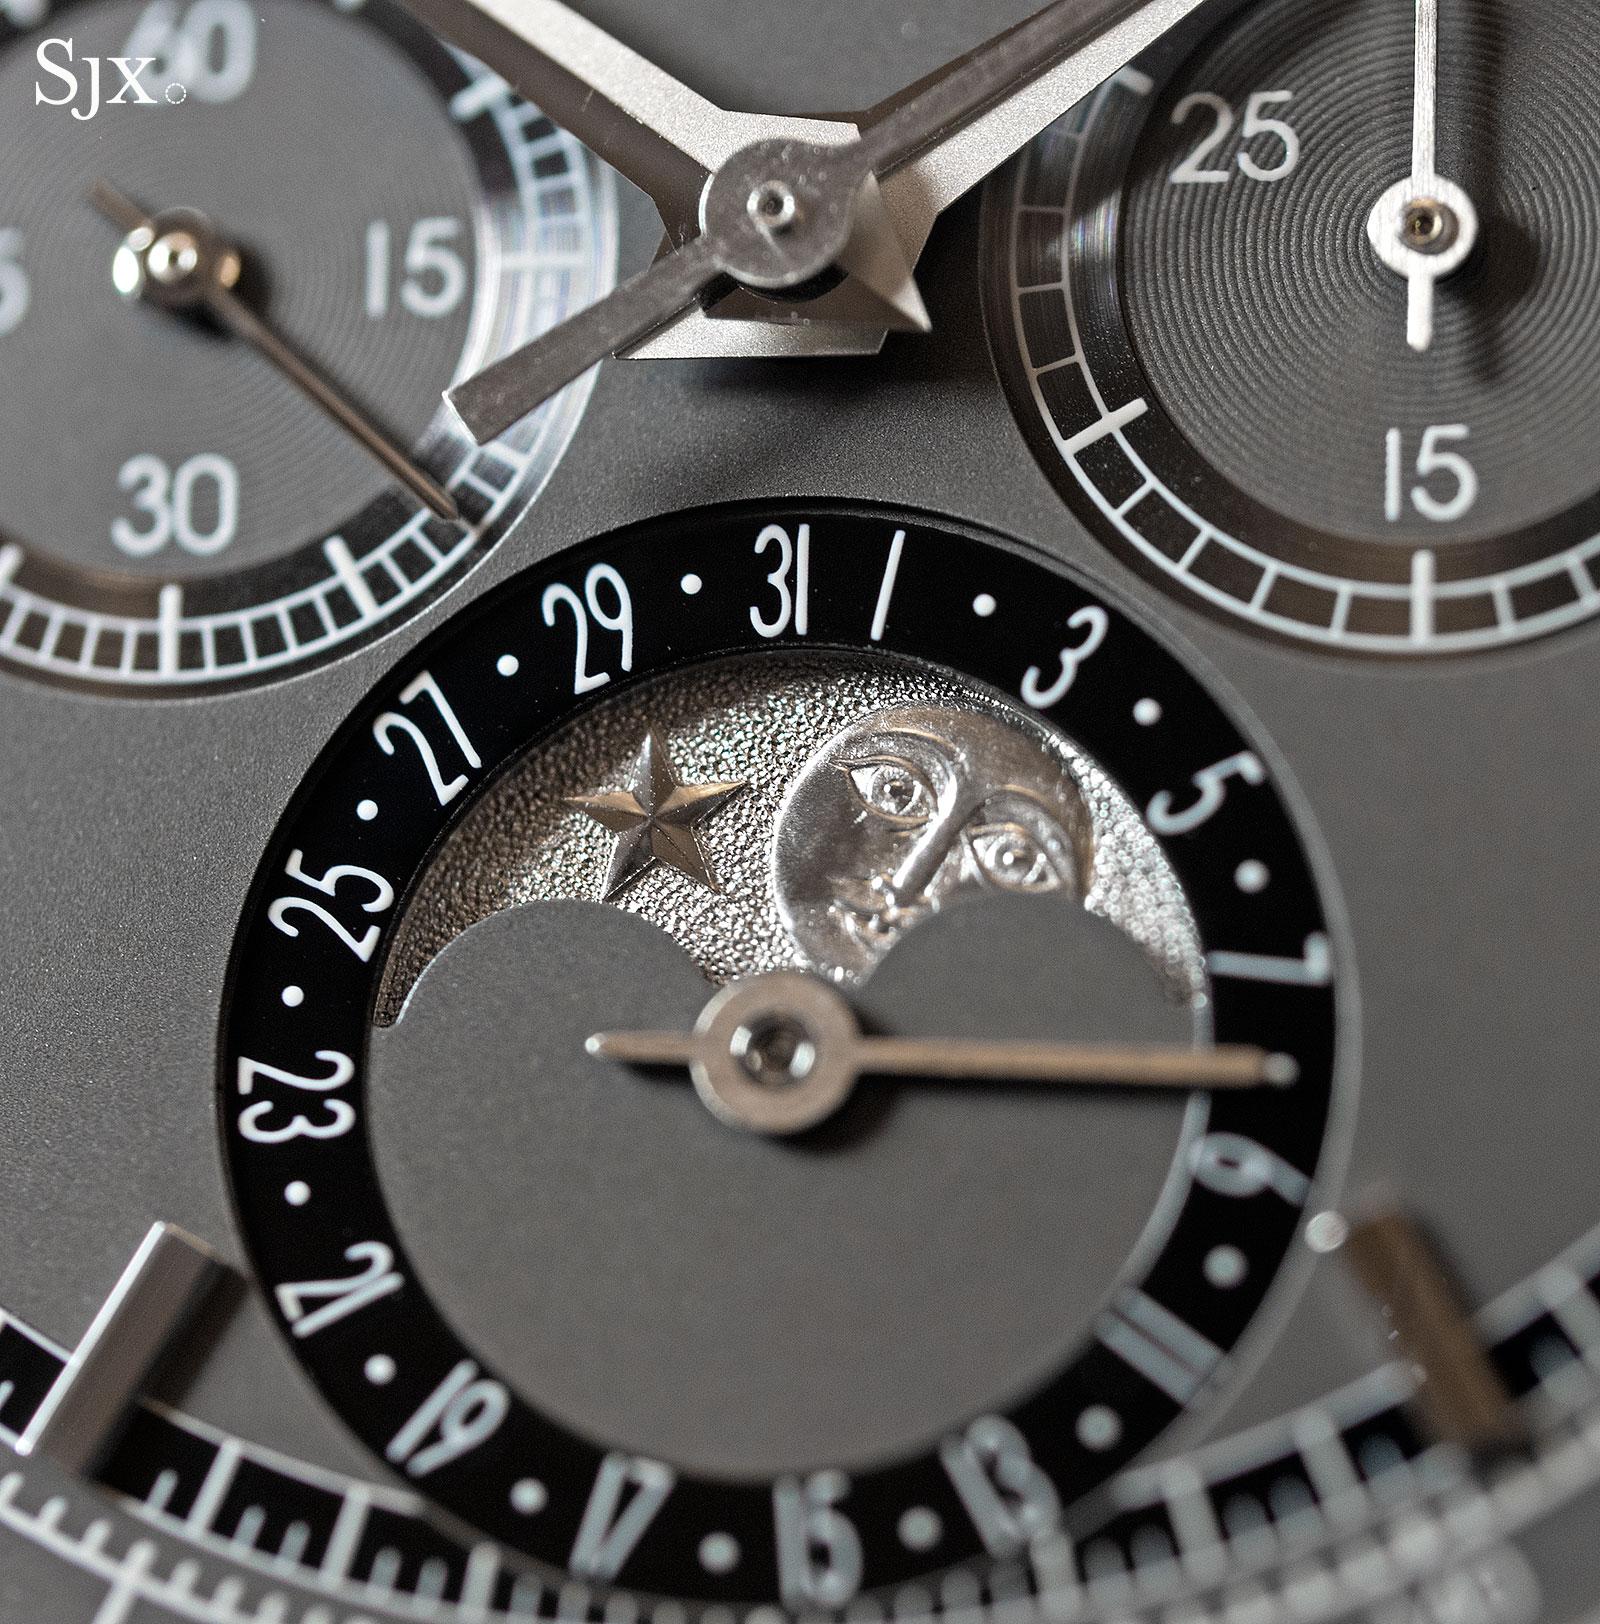 Vacheron Constantin Traditionnelle chronograph perpetual calendar 2017-2